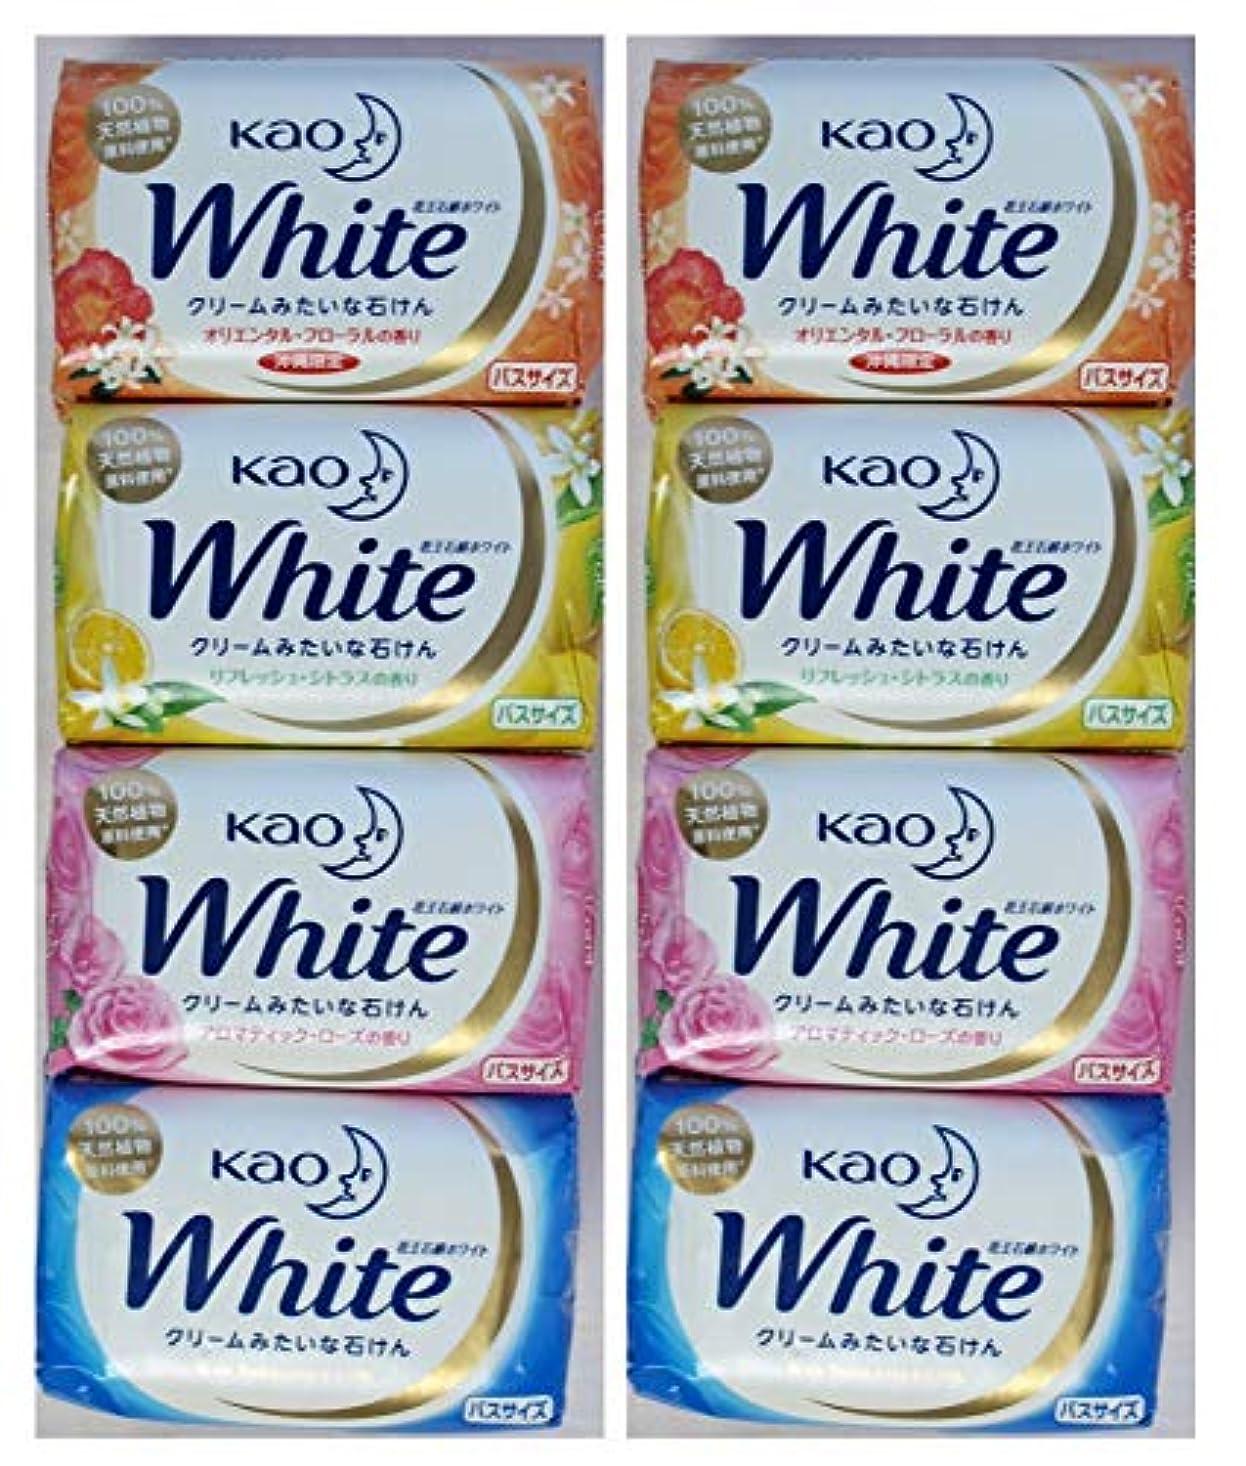 勘違いする感動する貴重な561988-8P 花王 Kao 石けんホワイト 4つの香り(オリエンタルフローラル/ホワイトフローラル/アロマティックローズ/リフレッシュシトラスの4種) 130g×4種×2set 計8個